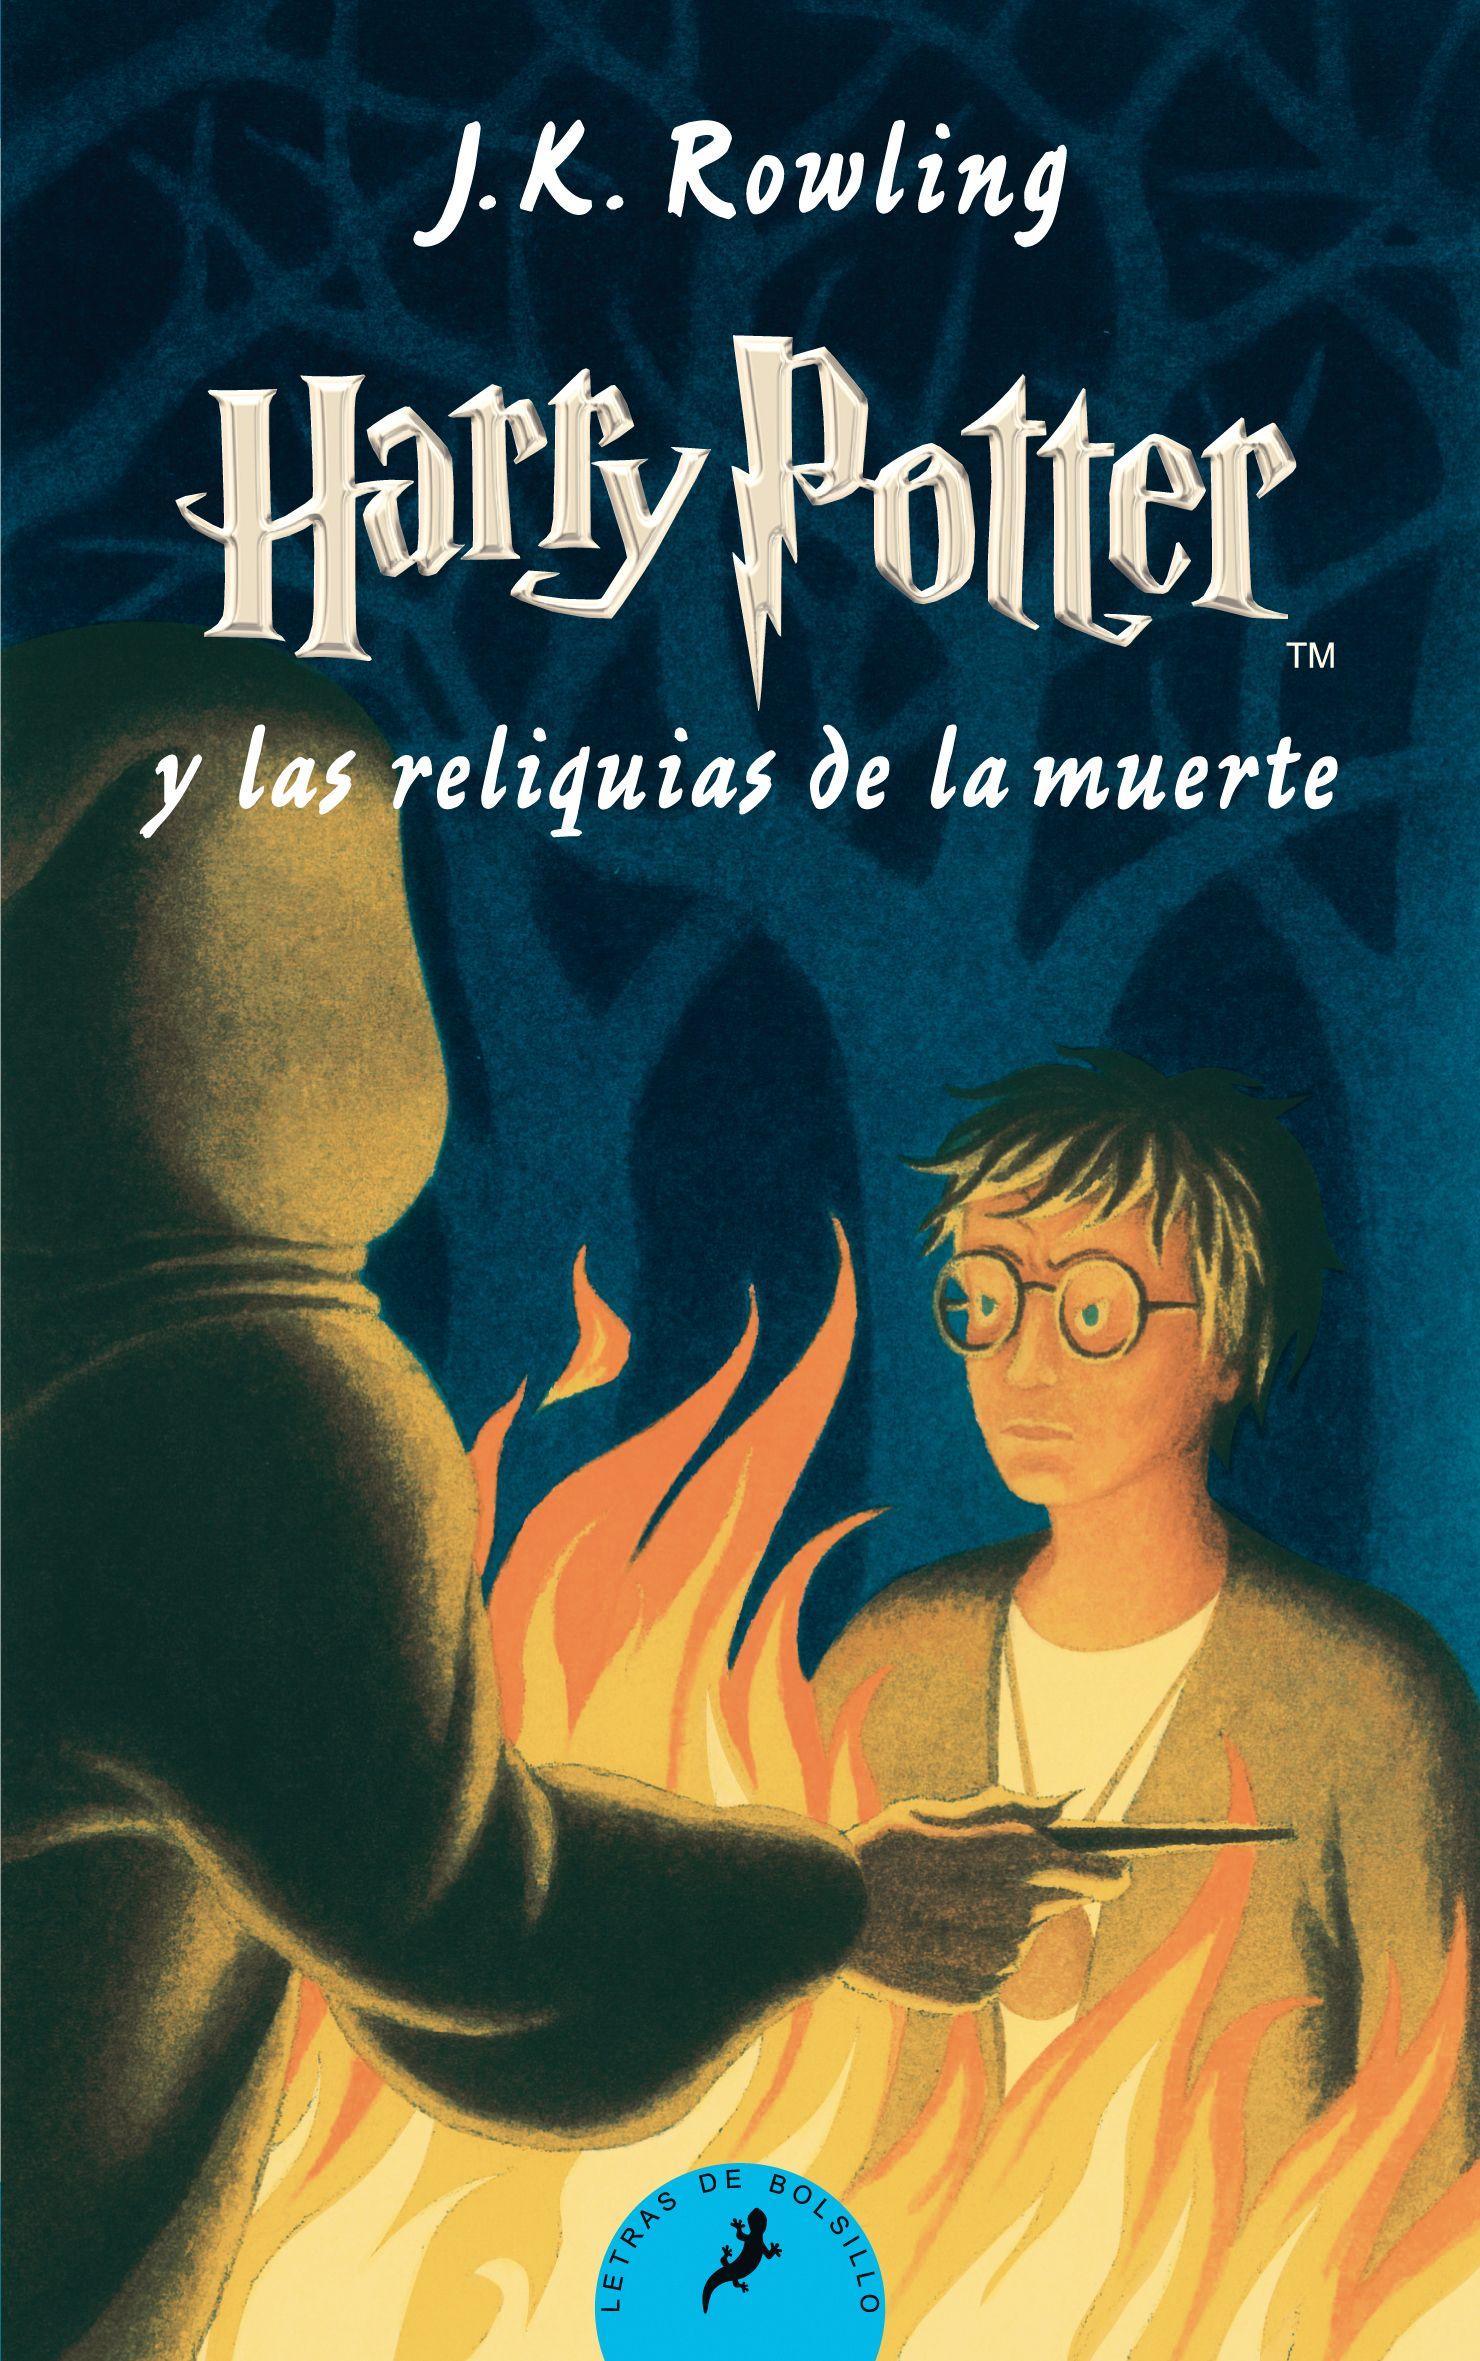 En este final, la séptima entrega de la serie Harry Potter, J.K. Rowling revela de manera espectacular las respuestas a las muchas preguntas que se han estado esperando con tanta impaciencia.Harry debe dejar el calor, la seguridad y el compañerismo de La Madriguera y seguir sin miedo el camino inexorable marcado para él.